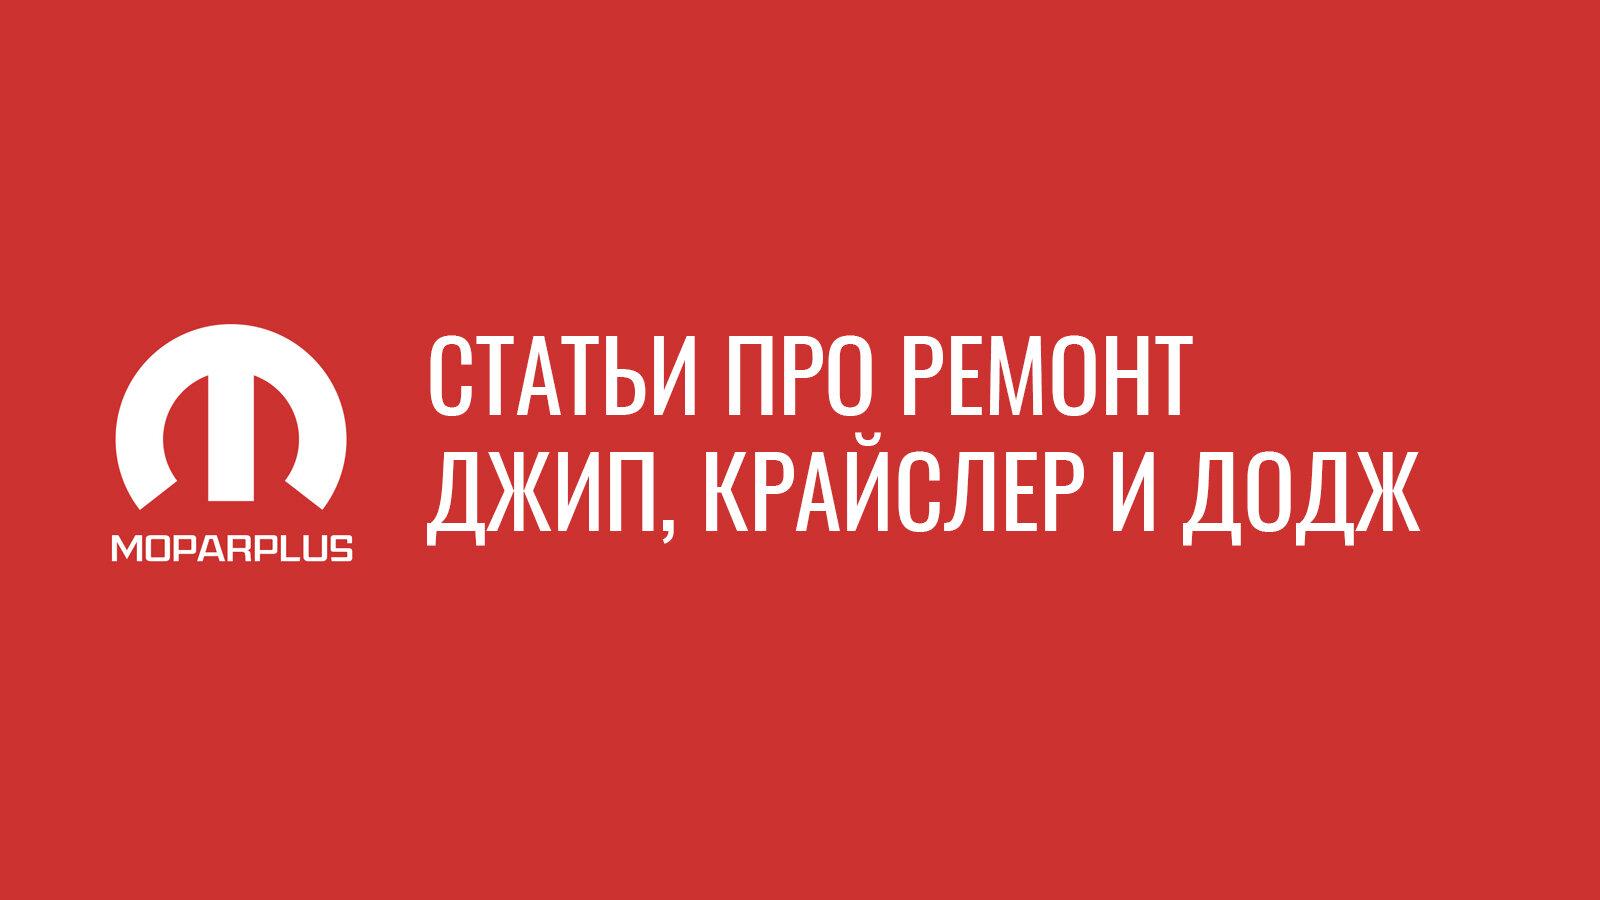 Cтатьи про ремонт. Выпуск №85.